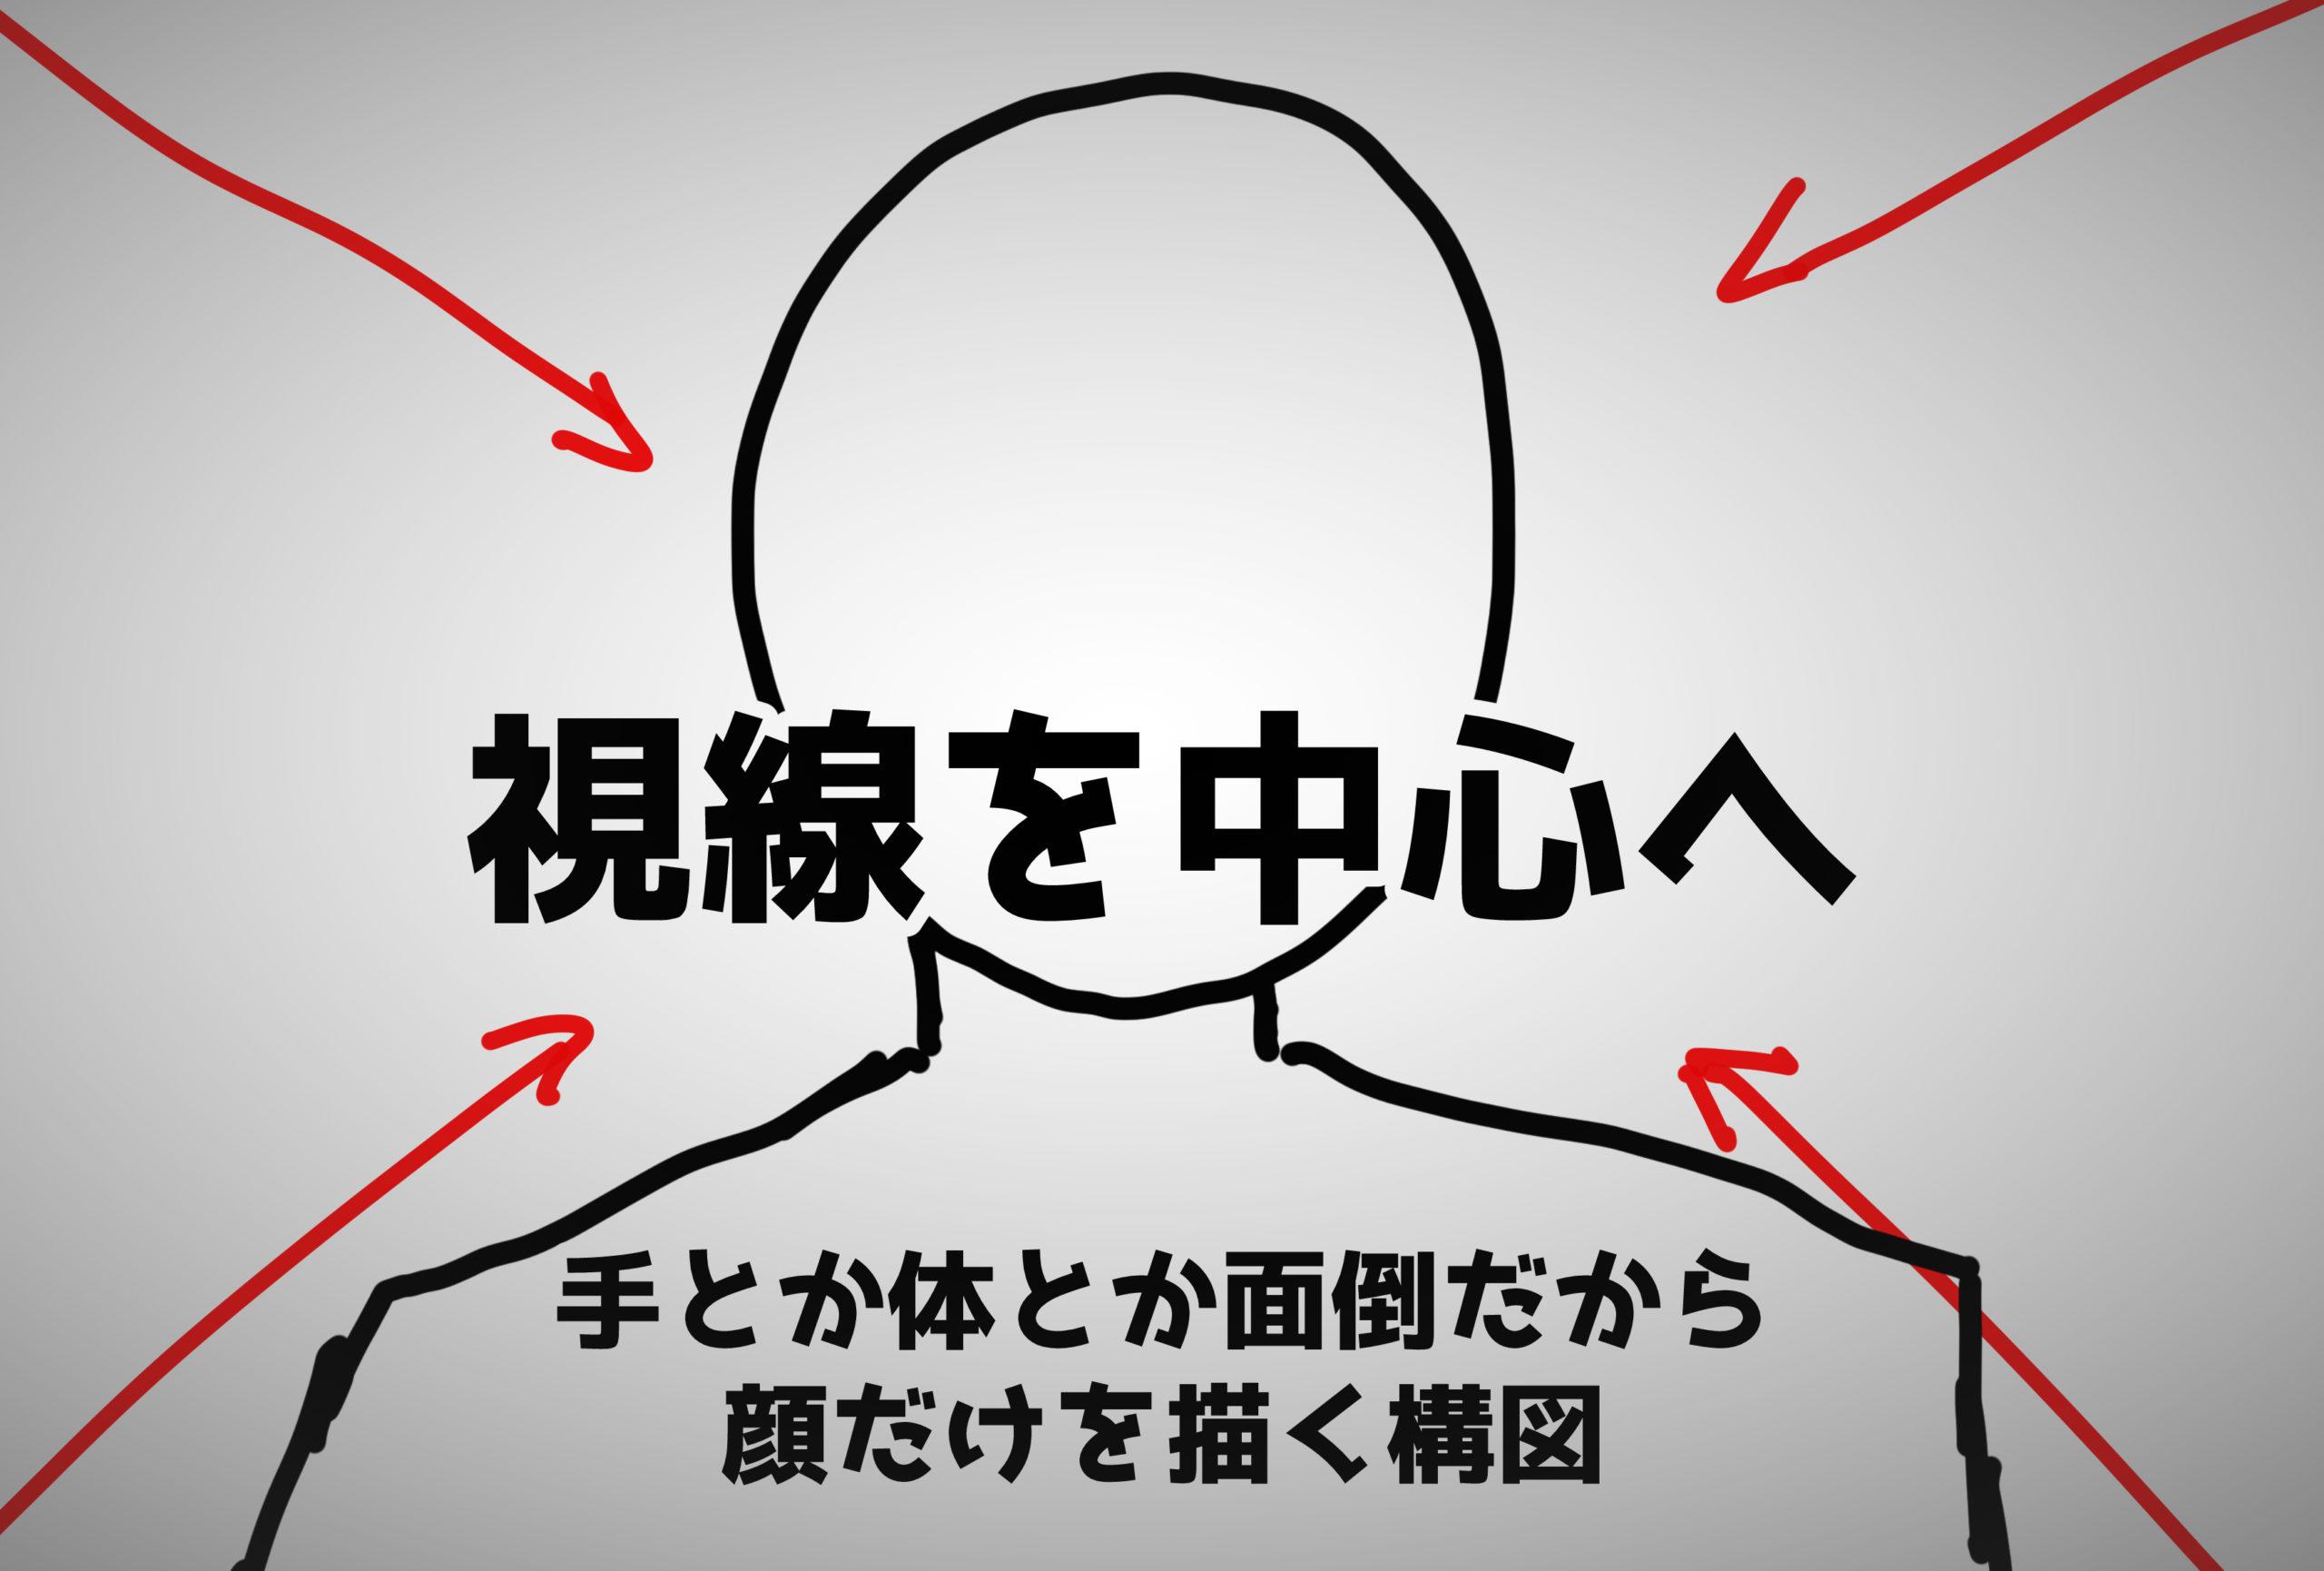 構図紹介①